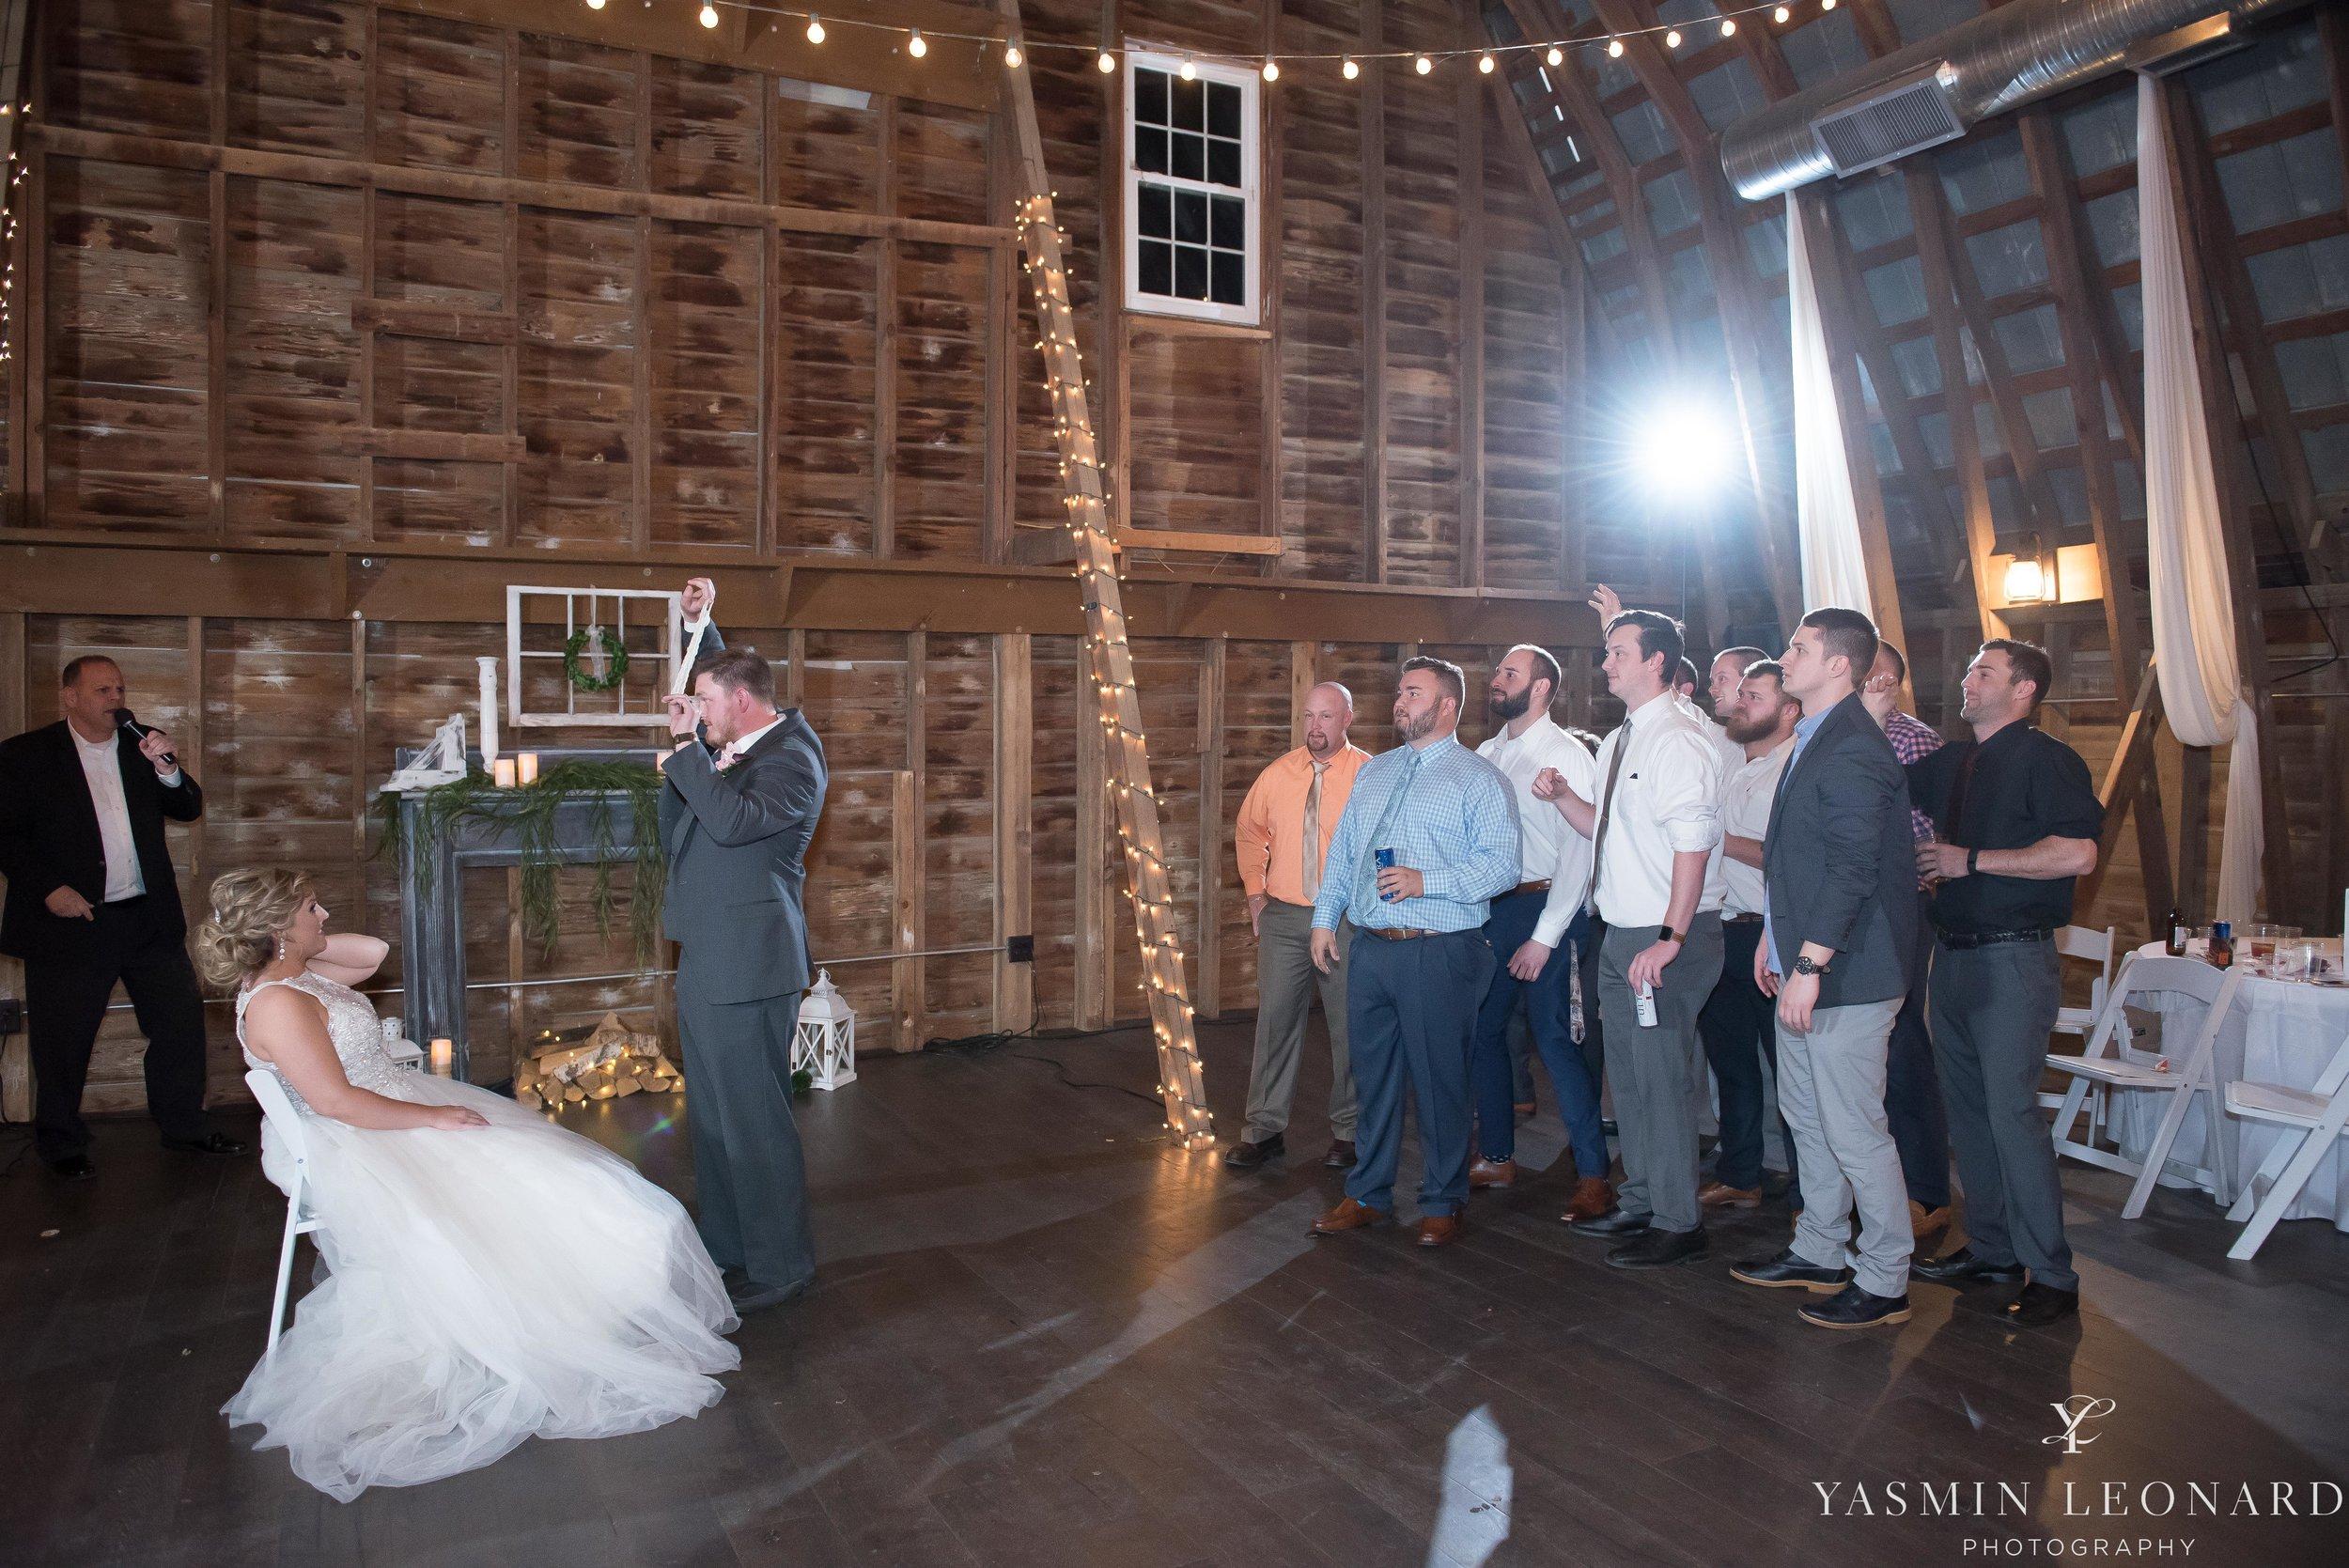 Millikan Farms - Millikan Farms Wedding - Sophia NC Wedding - NC Wedding - NC Wedding Photographer - Yasmin Leonard Photography - High Point Photographer - Barn Wedding - Wedding Venues in NC - Triad Wedding Photographer-88.jpg